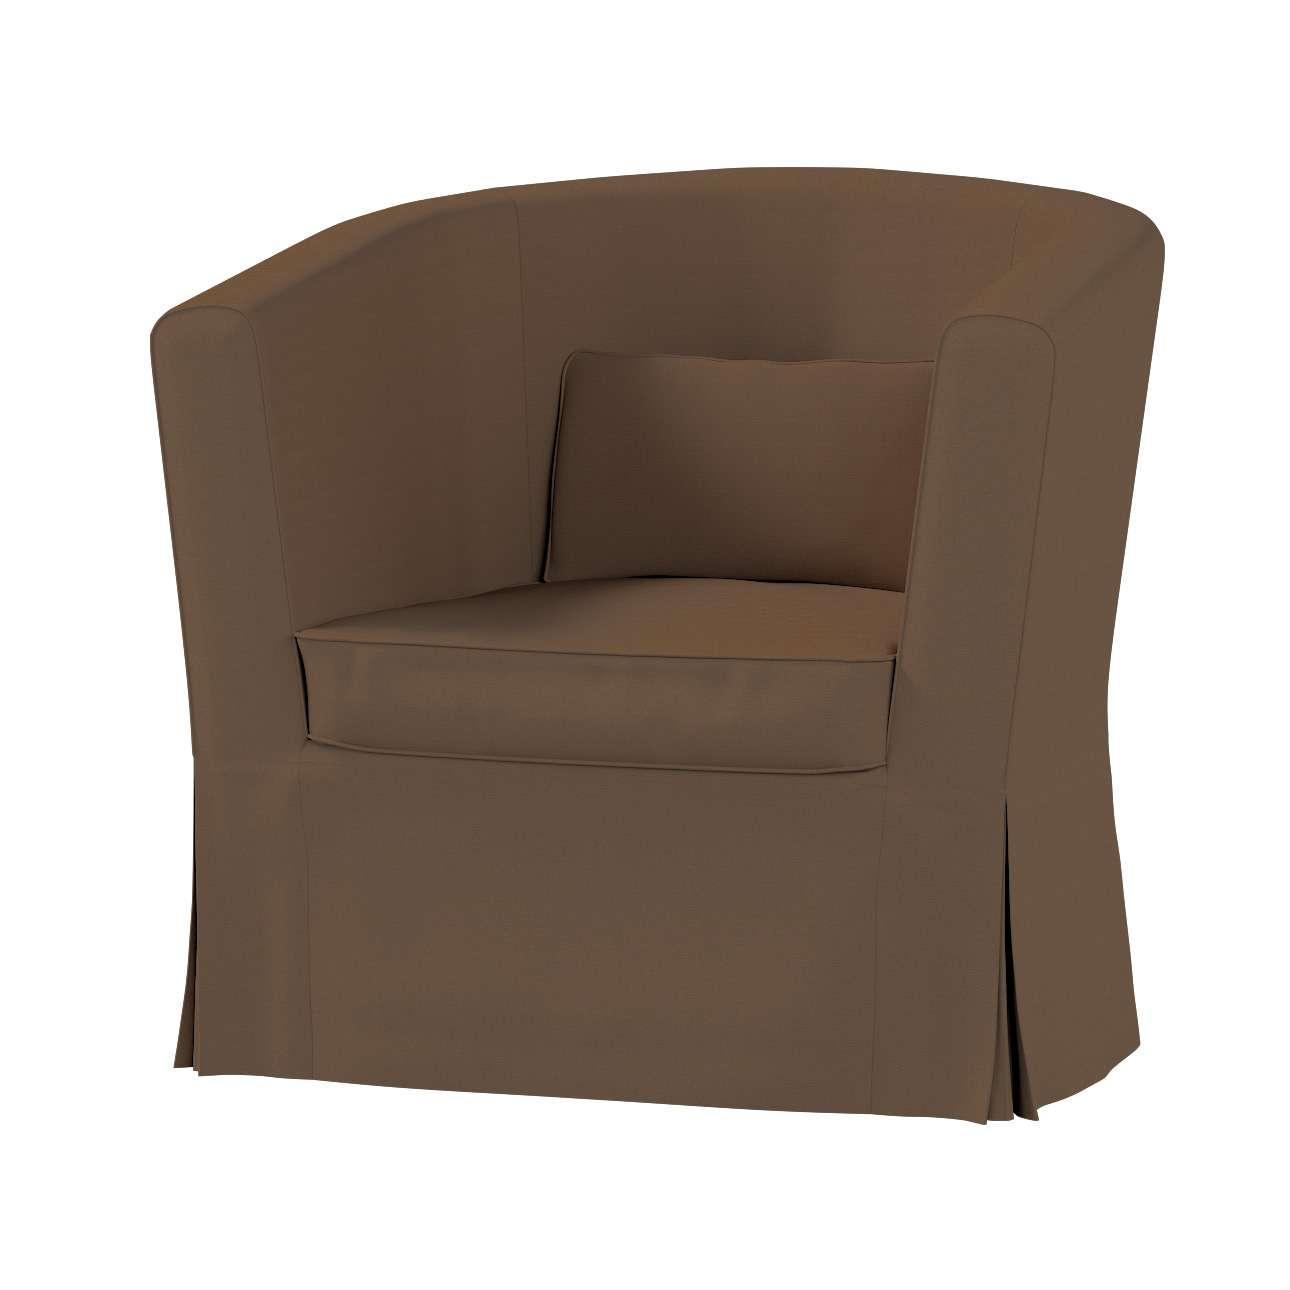 EKTORP TULLSTA fotelio užvalkalas Ektorp Tullsta fotelio užvalkalas kolekcijoje Cotton Panama, audinys: 702-02